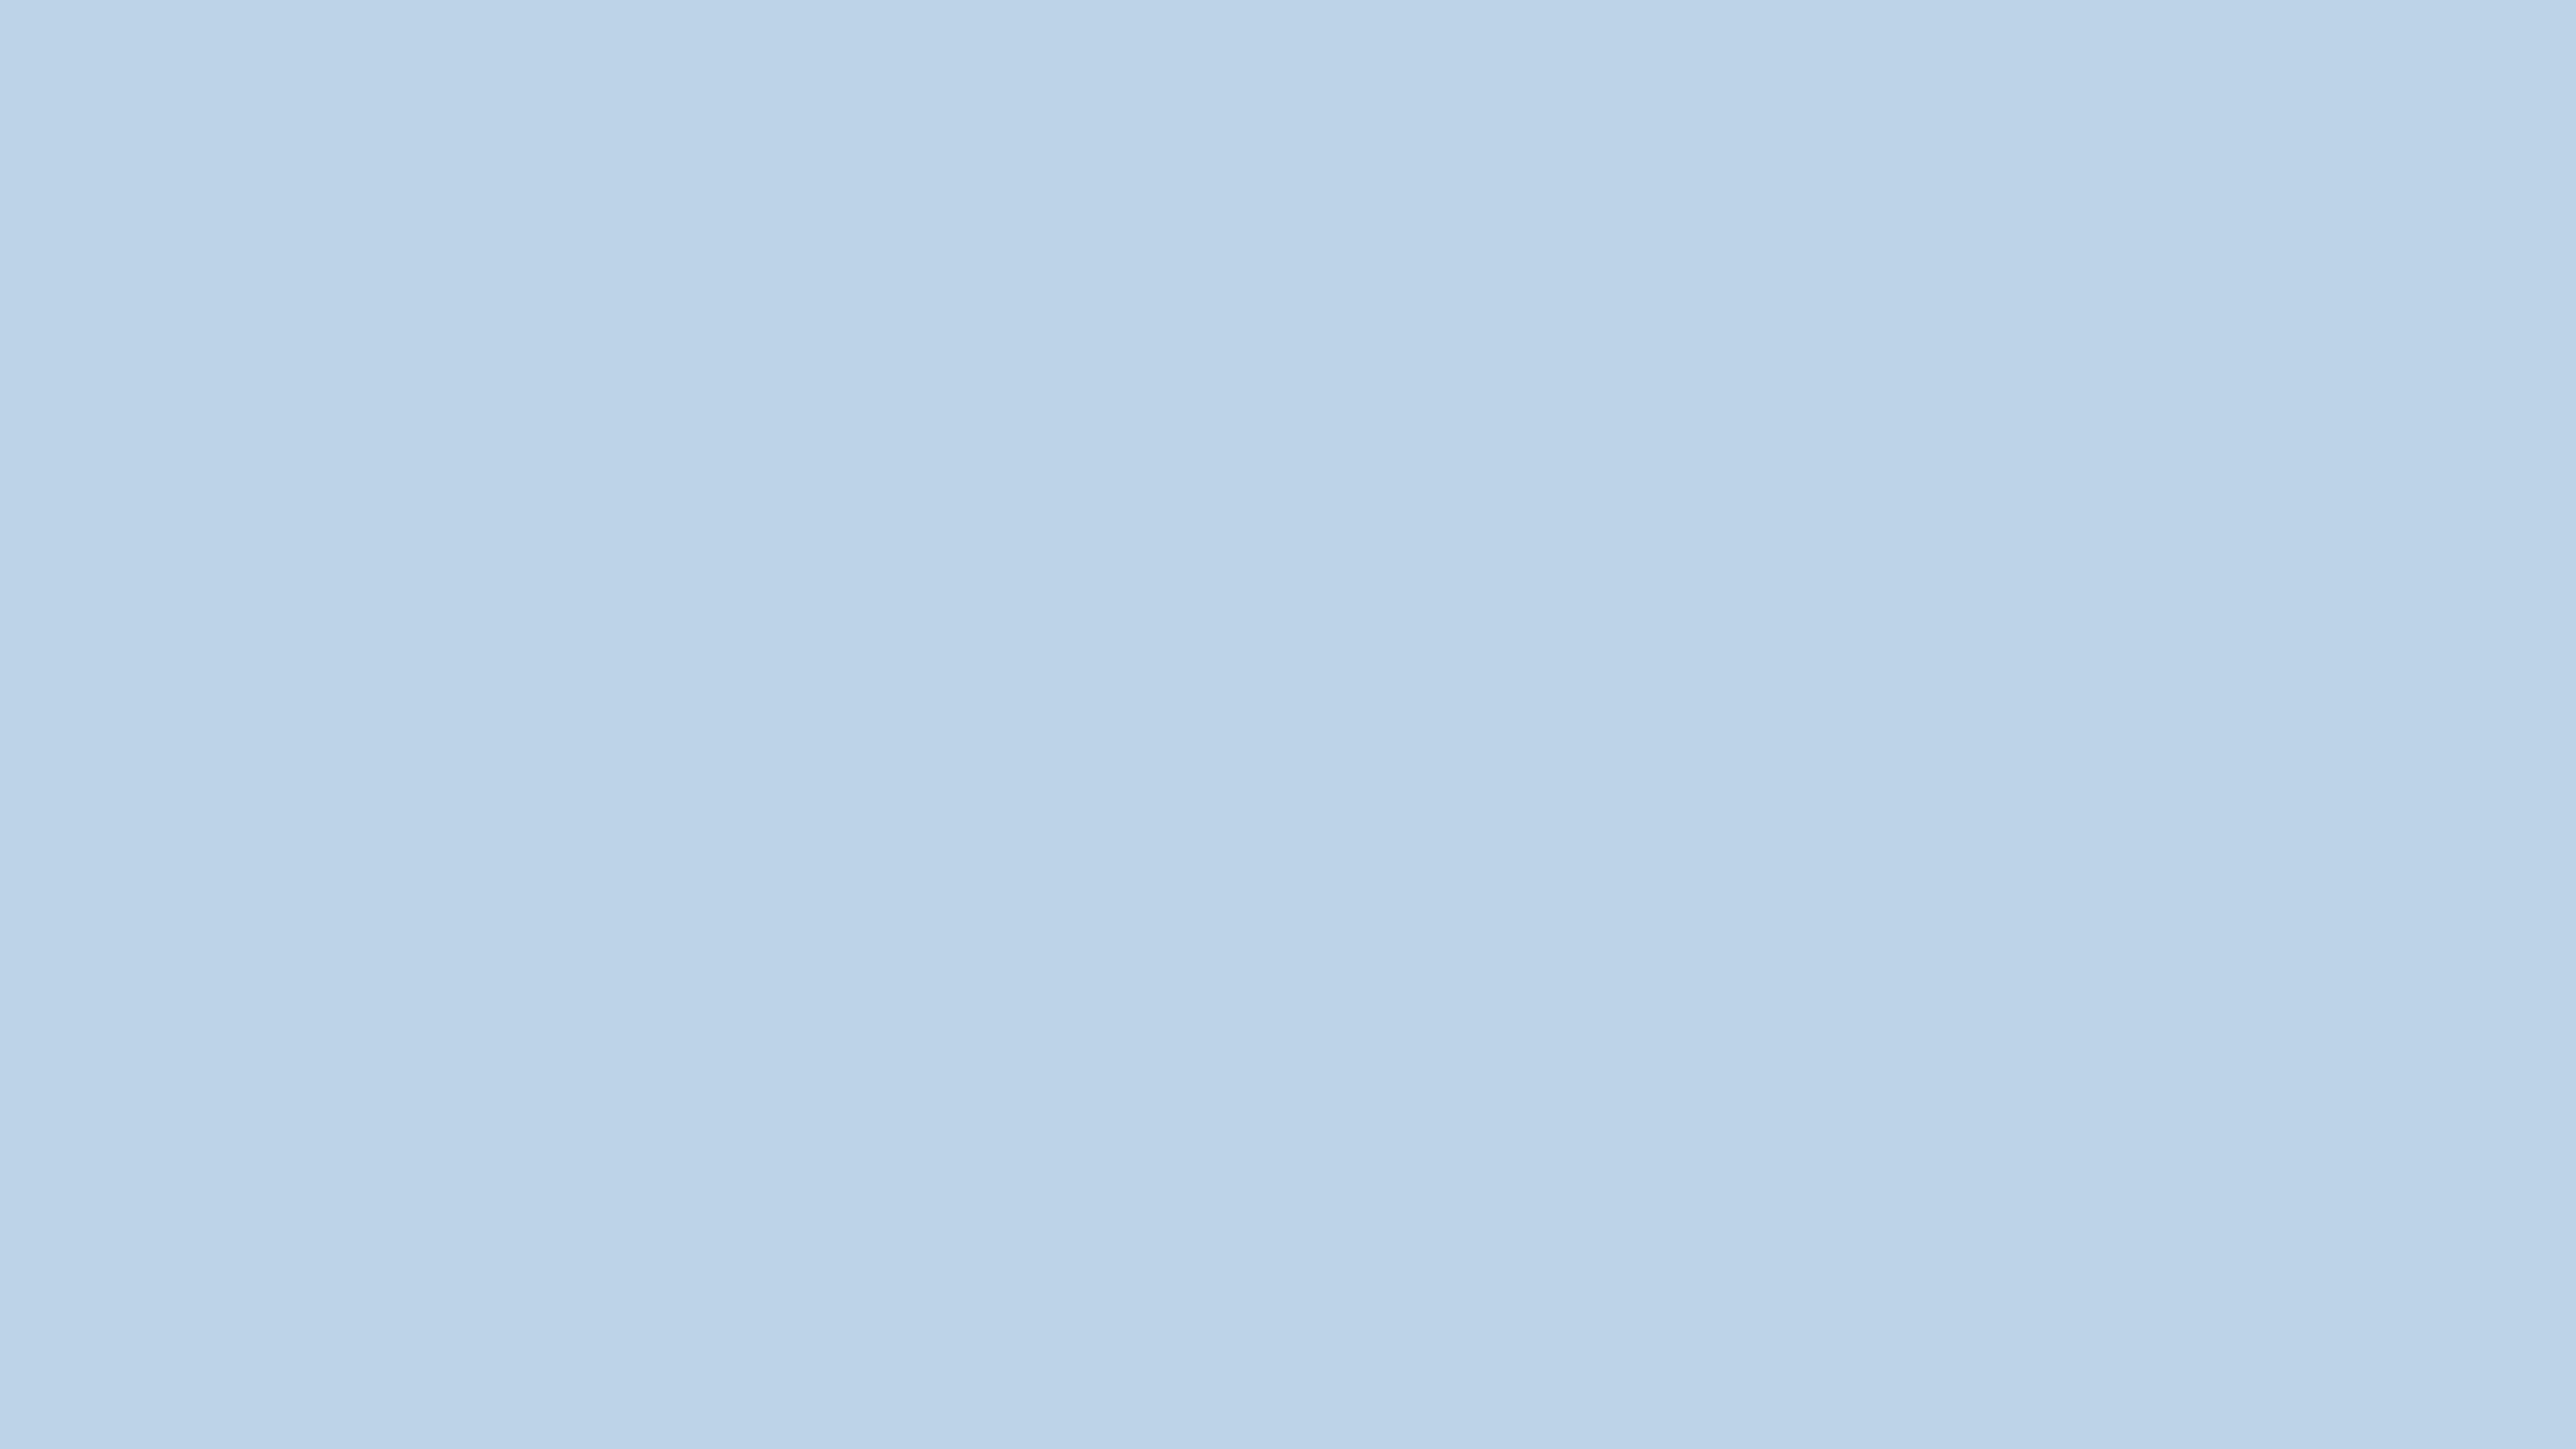 7680x4320 Pale Aqua Solid Color Background